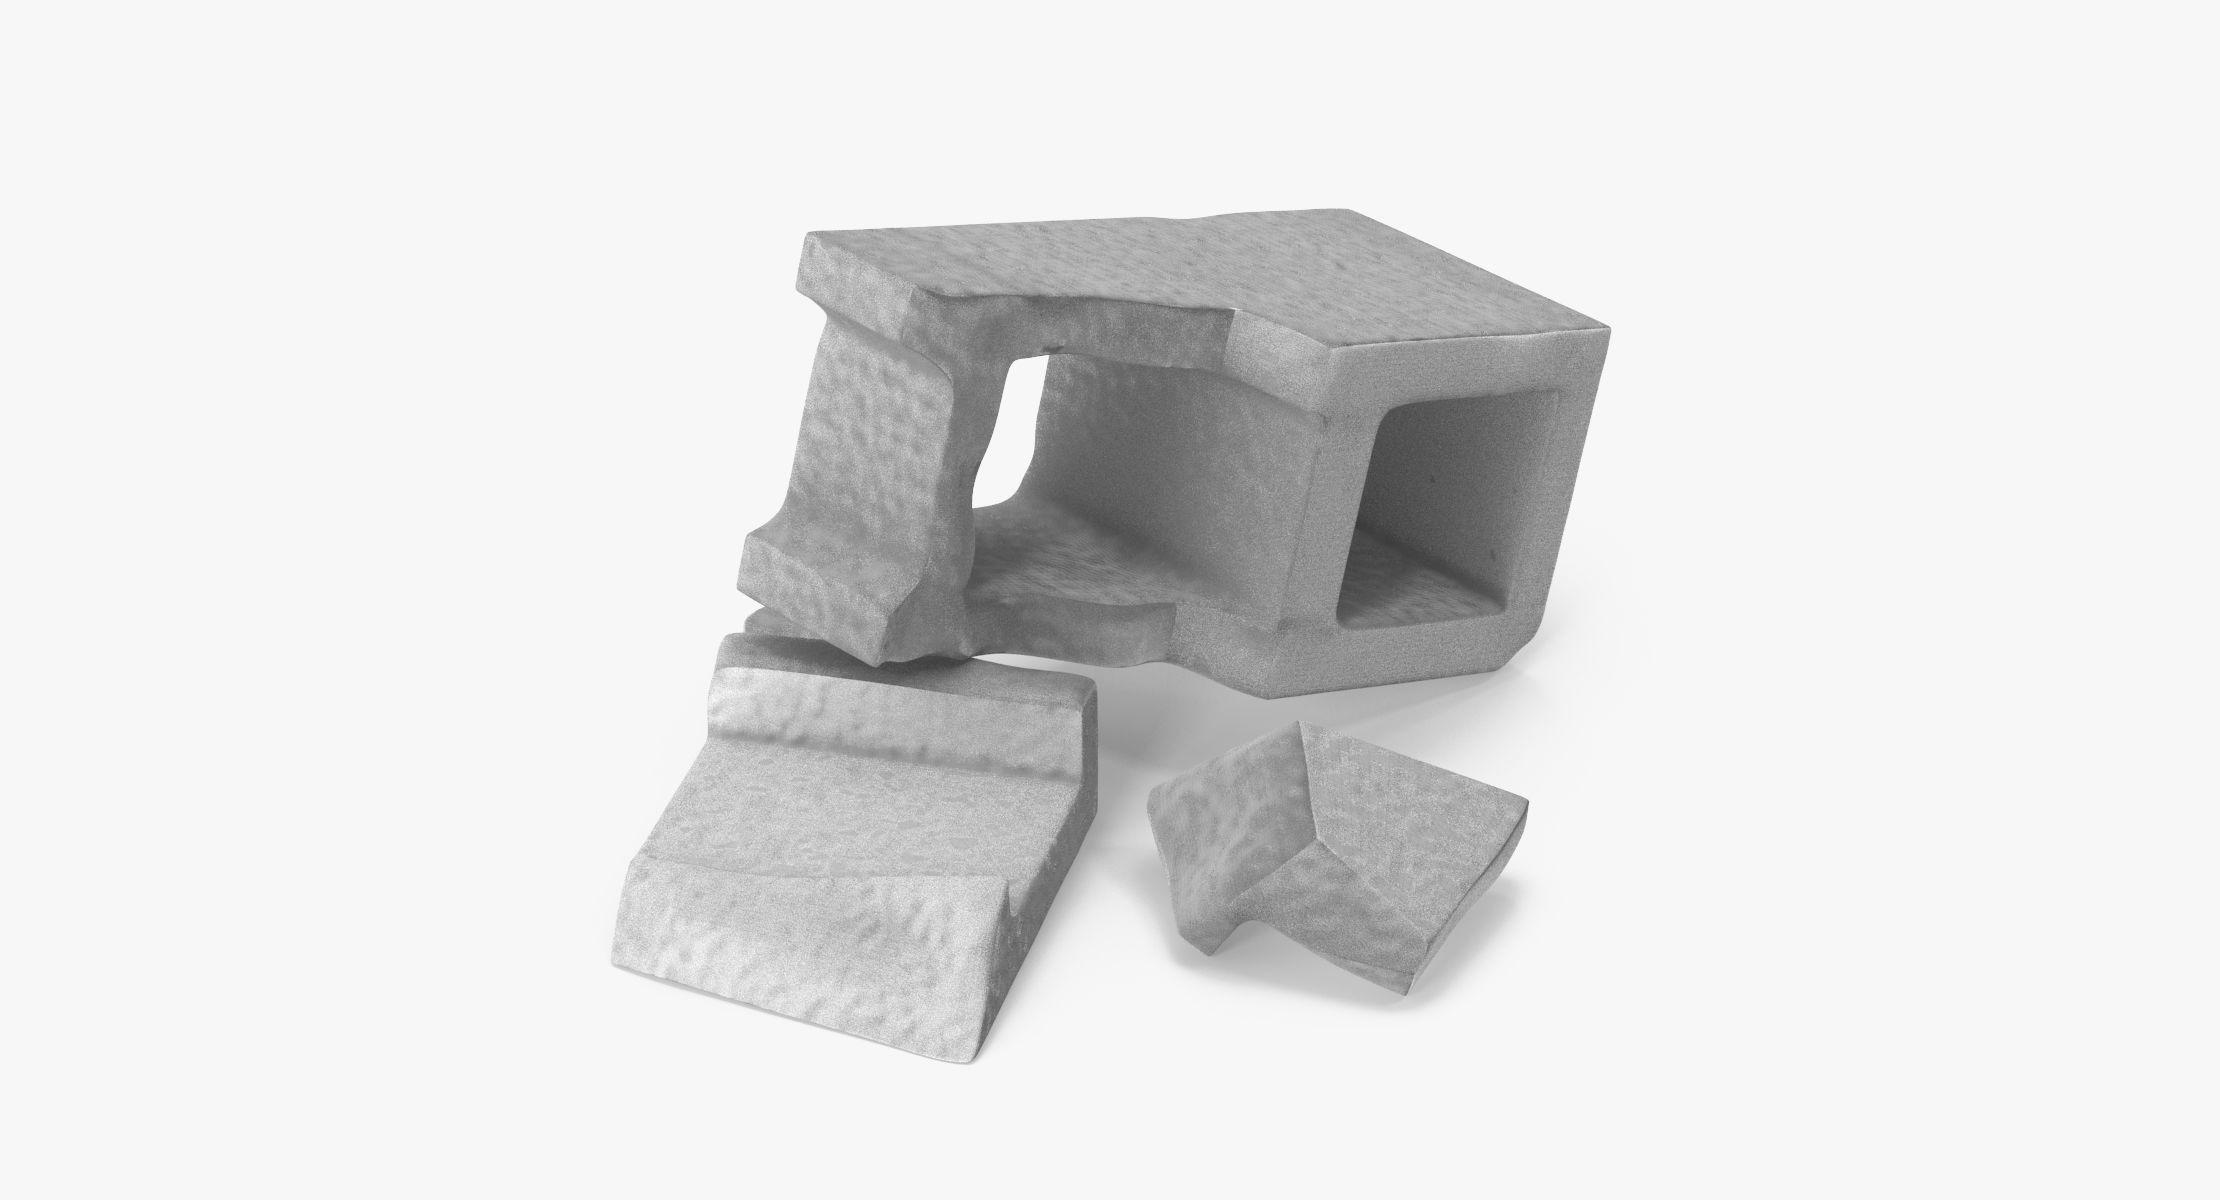 Cinder Block Broken 03 - reel 1